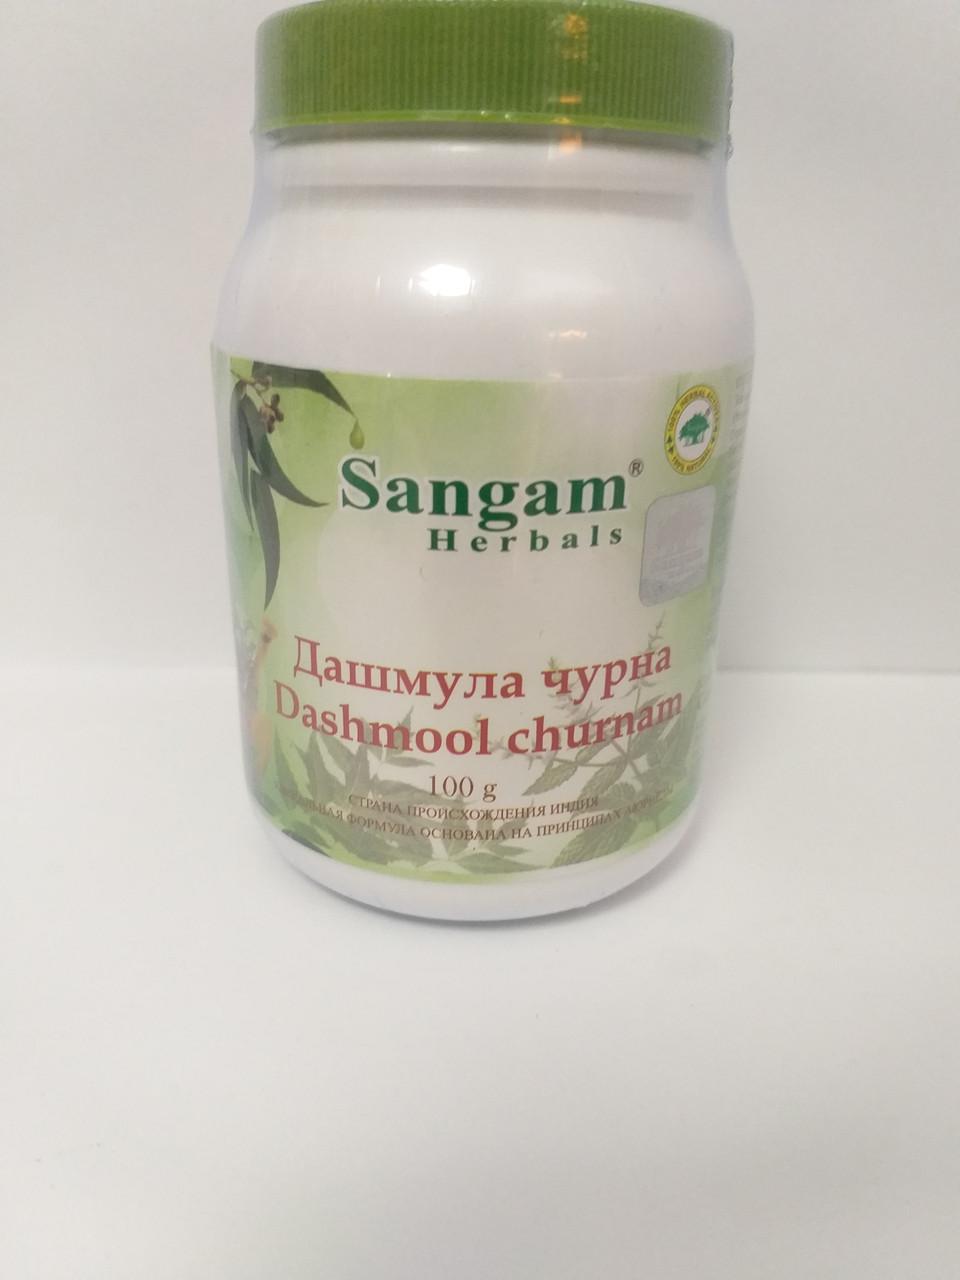 Дашмула чурна , 100 гр, порошок, Dashmool churnam, Sangam churnam